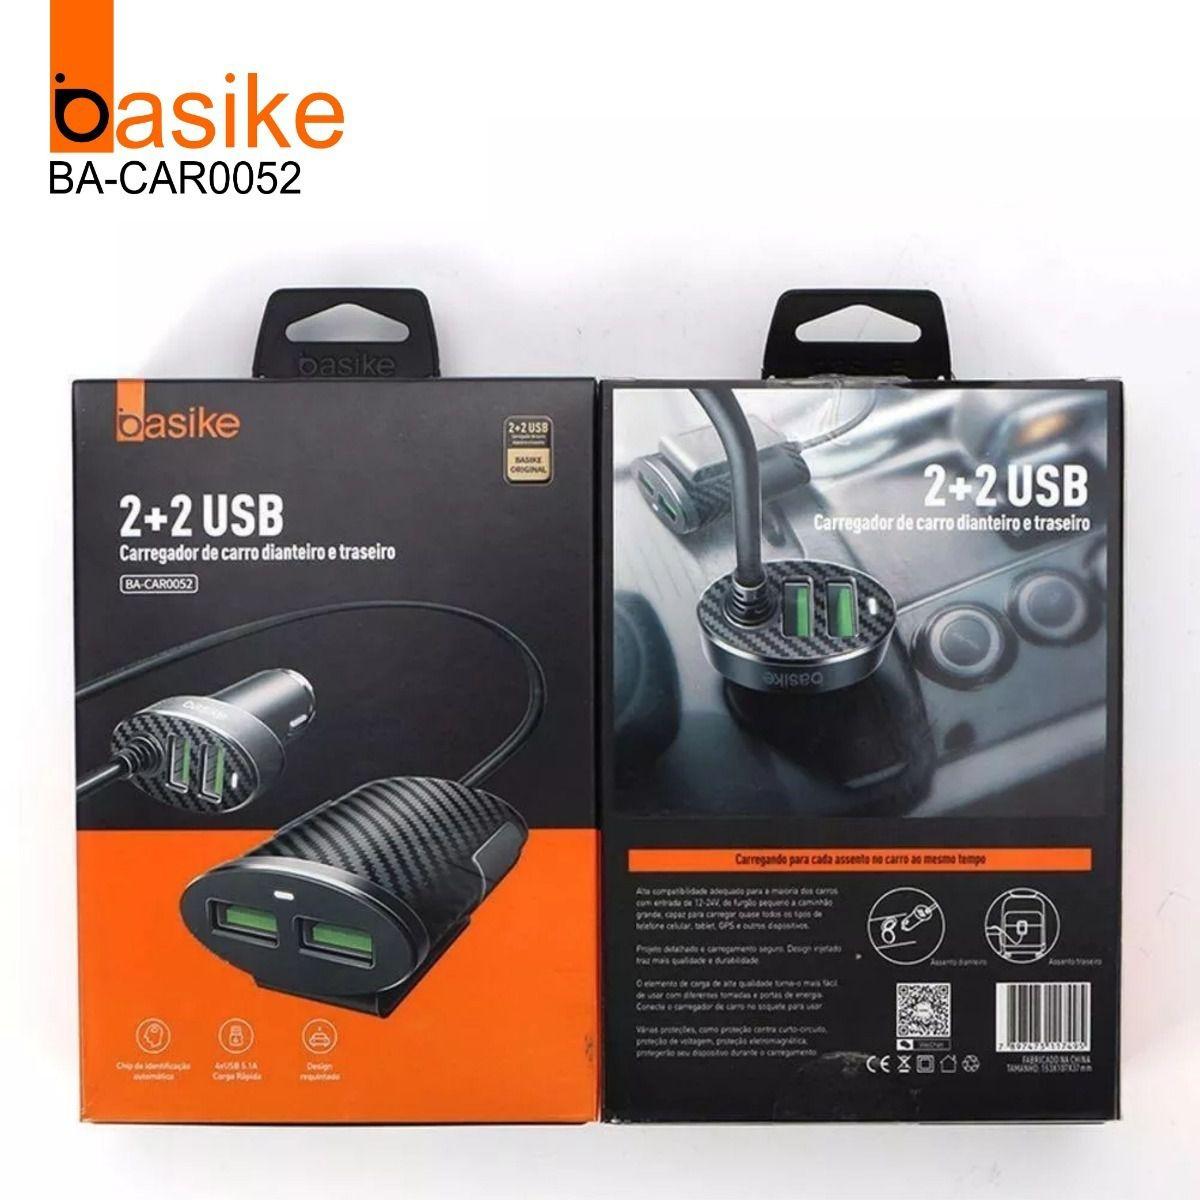 Carregador de Carro dianteiro e traseiro 4 USB Basike